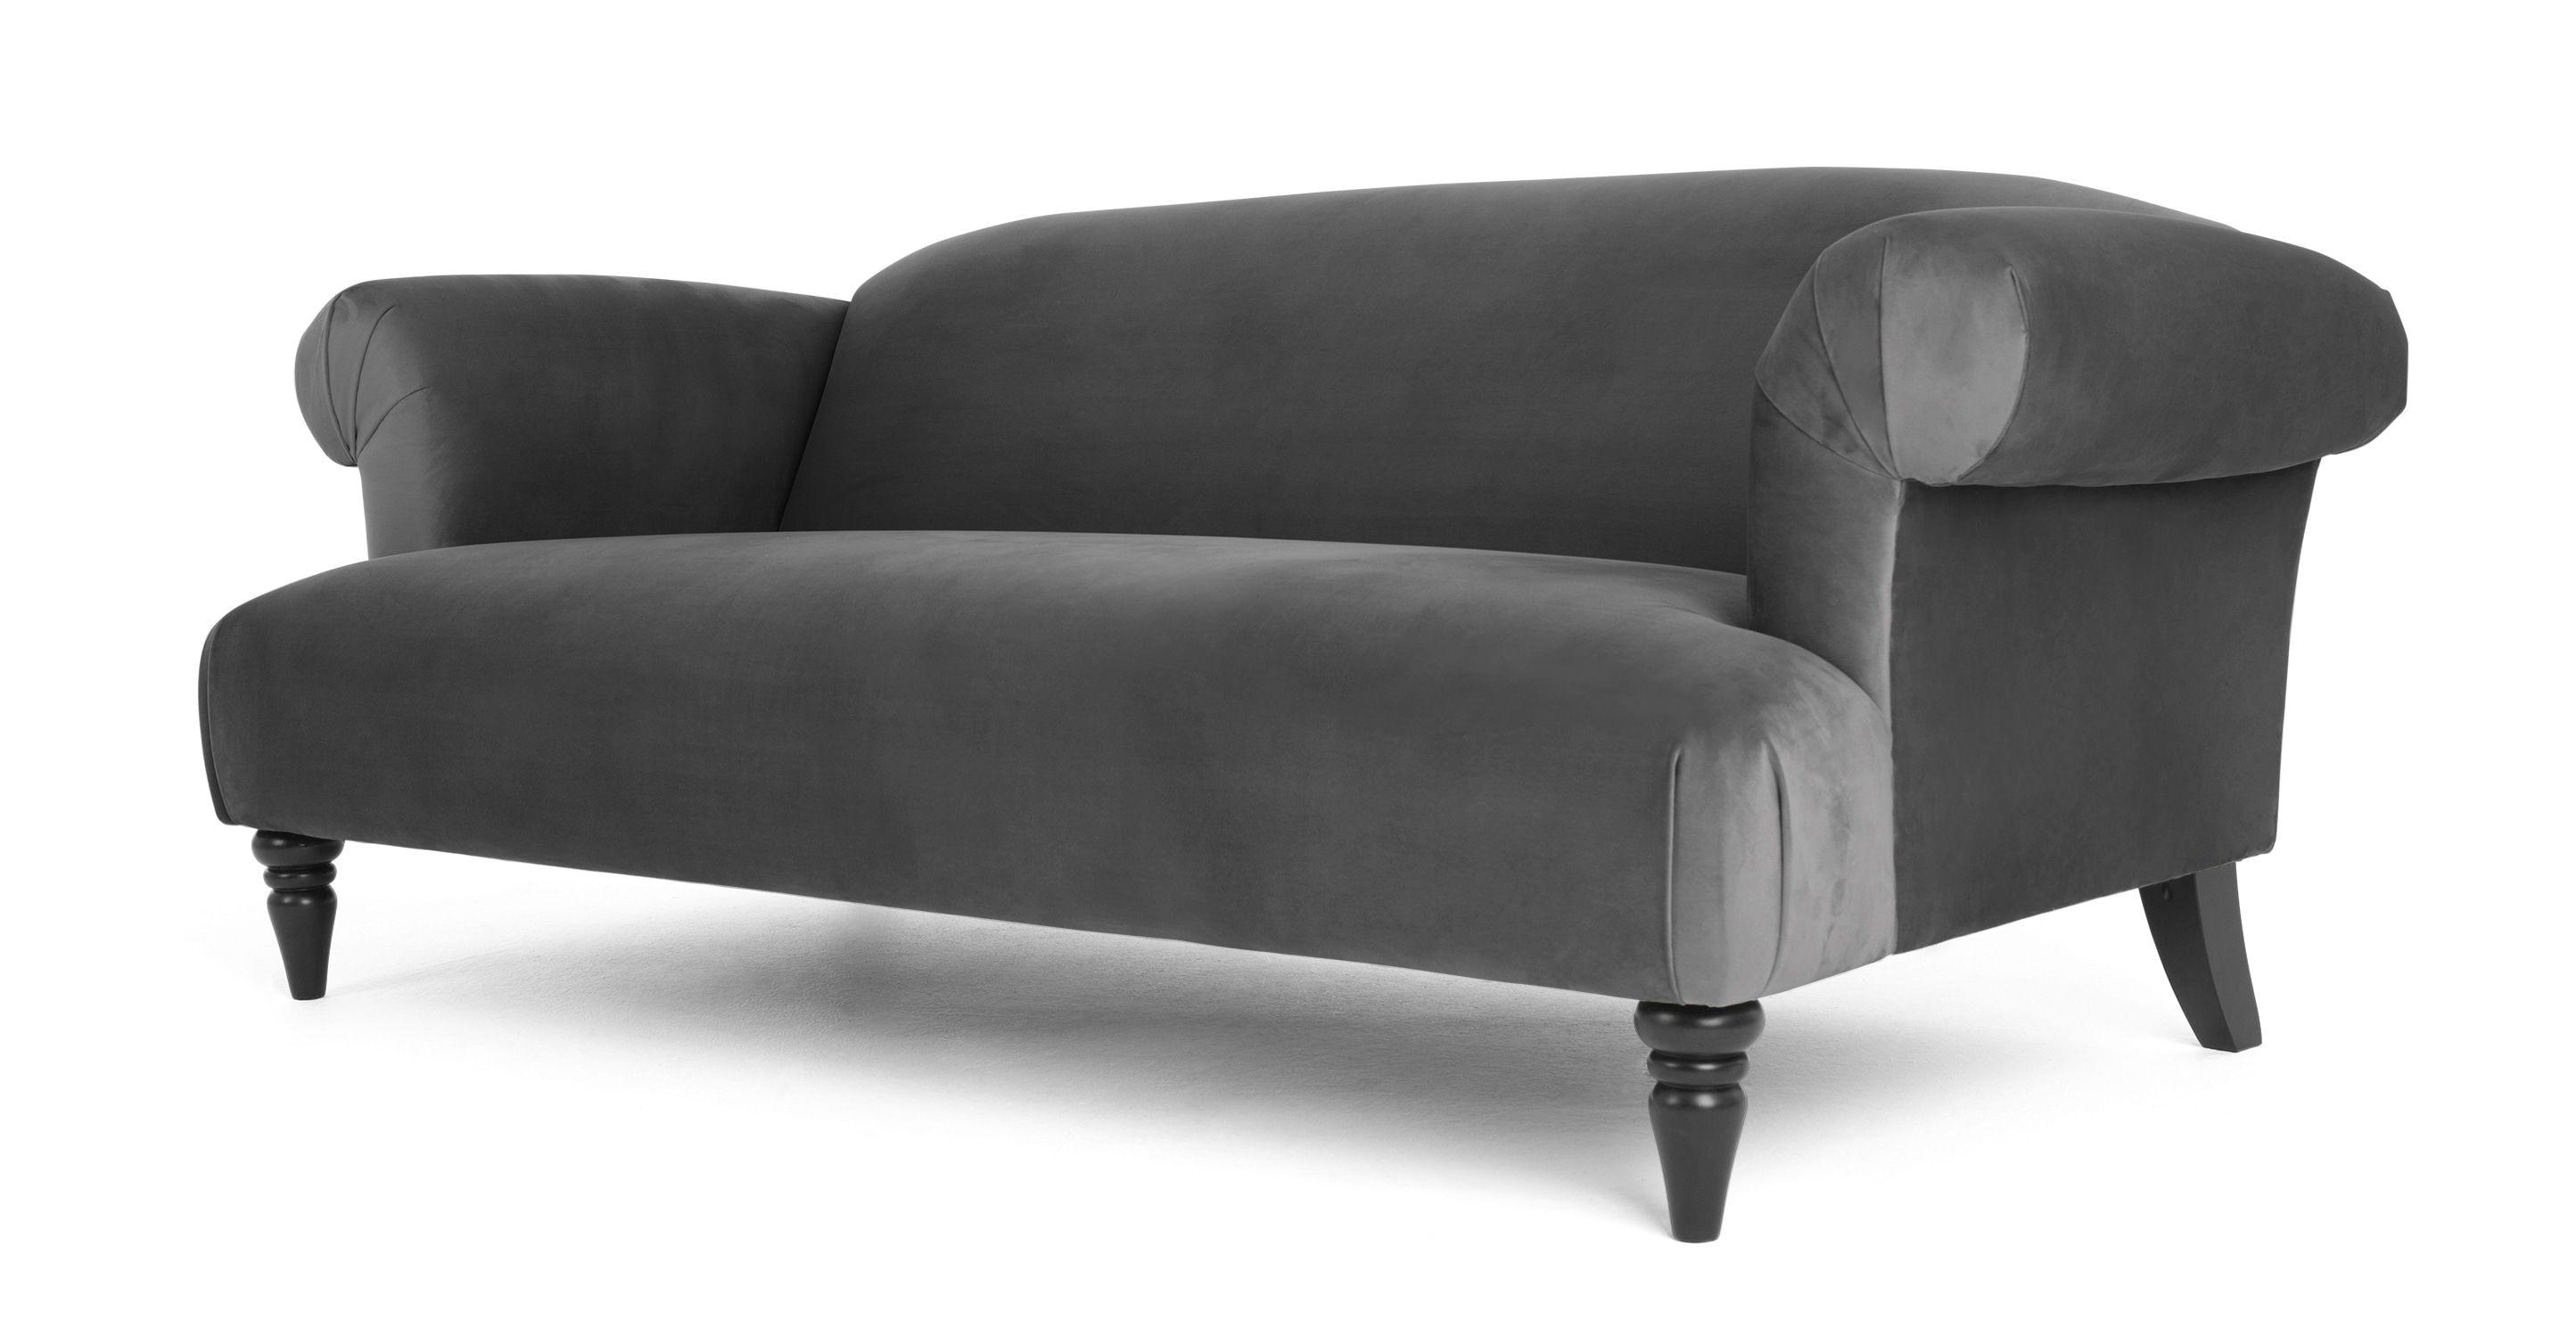 Sofa Samt beeindruckend 3 sitzer sofas 3 sitzer sofa samt in